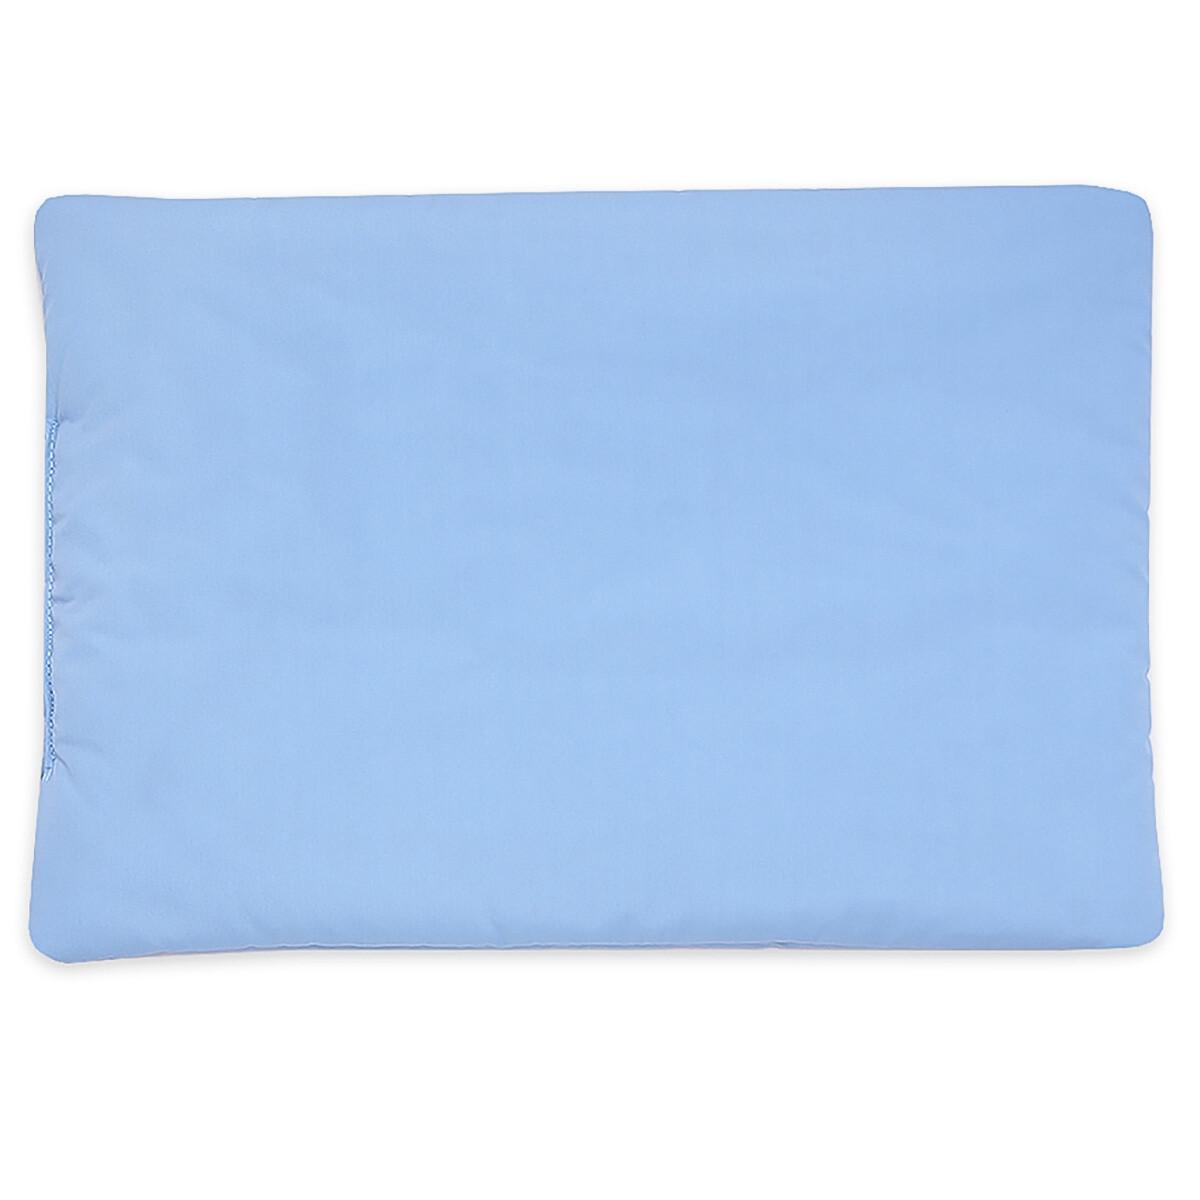 Подушка для новорожденного Тиси 40*60, голубой